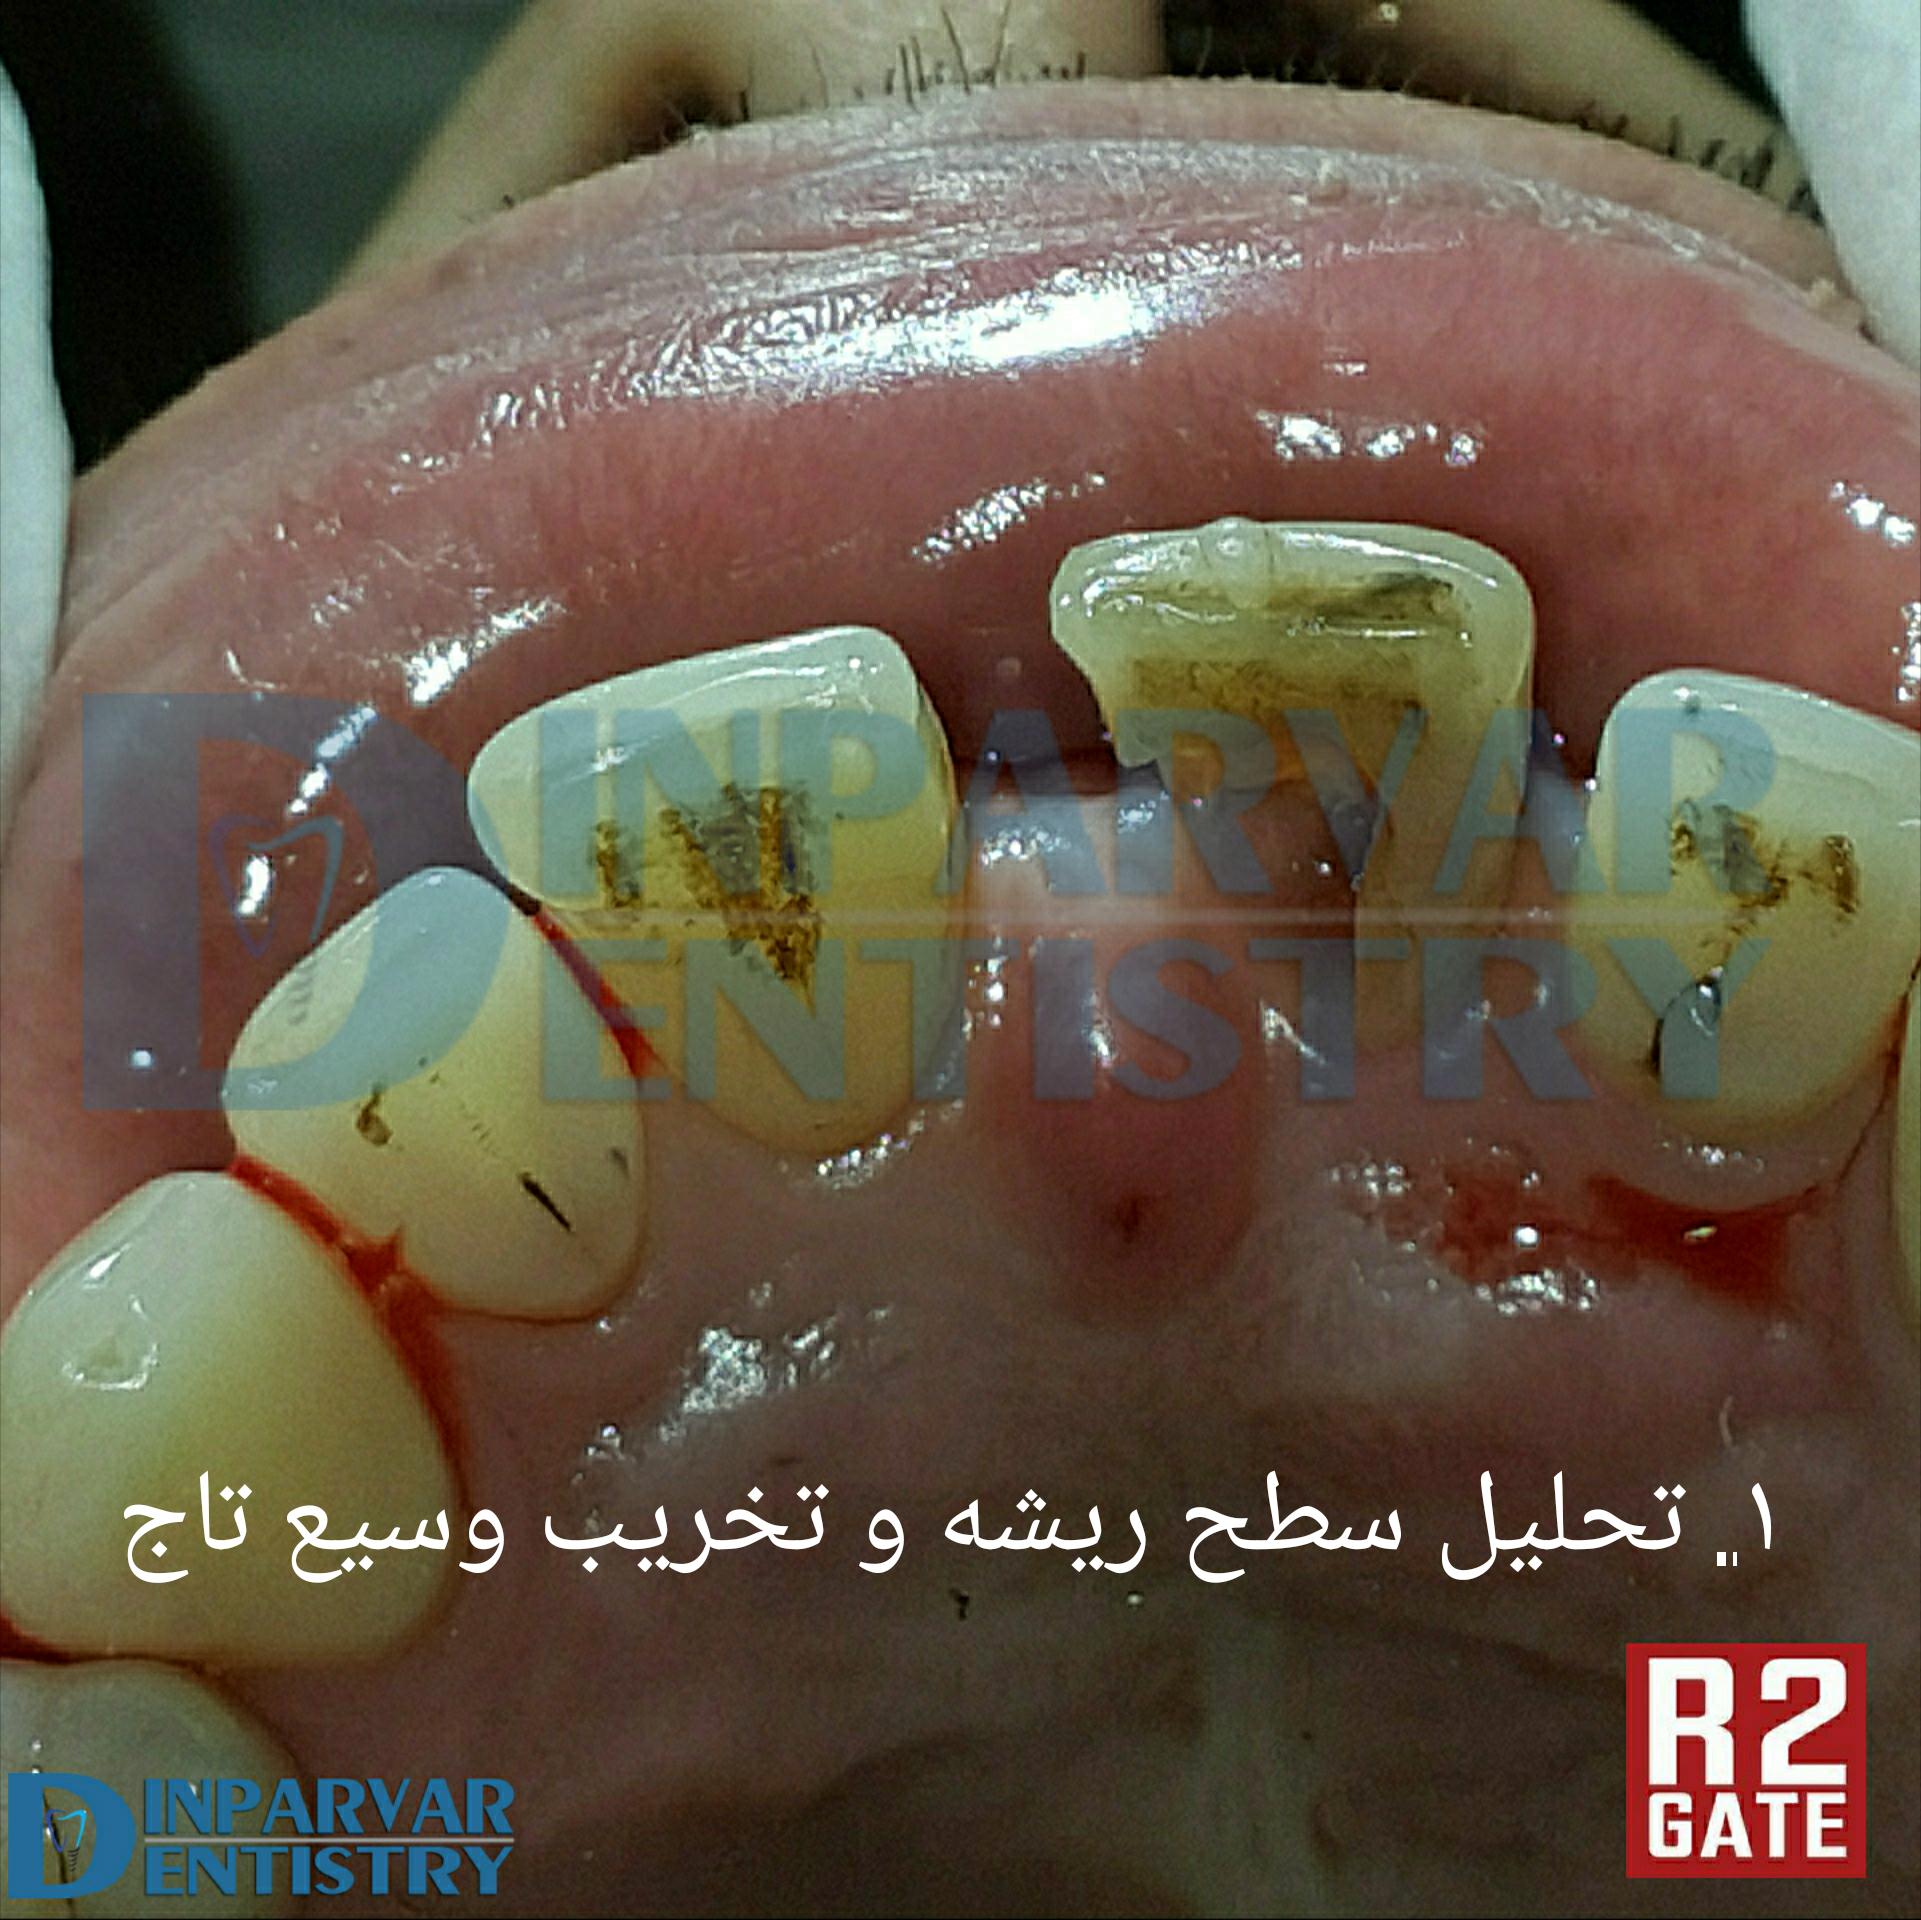 درمان ایمپلنت یکروزه همزمان با خارج کردن دندان قدامی فک بالا